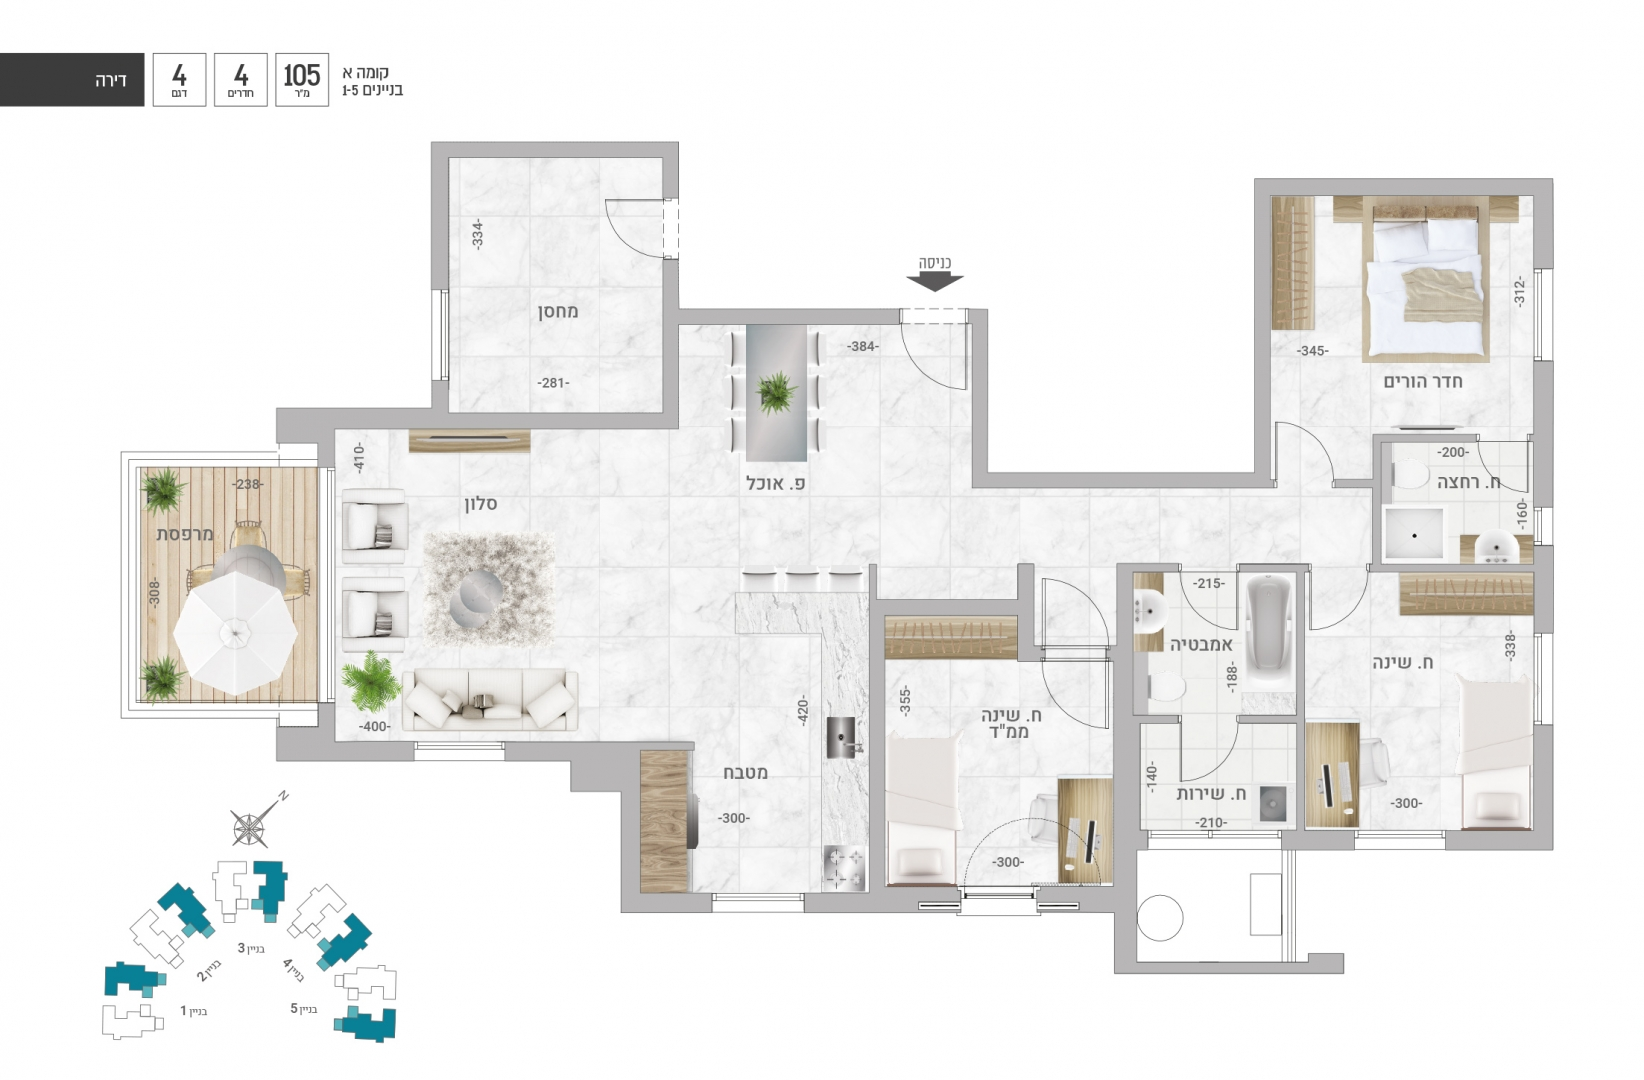 דגם 4 | בניינים 1-5